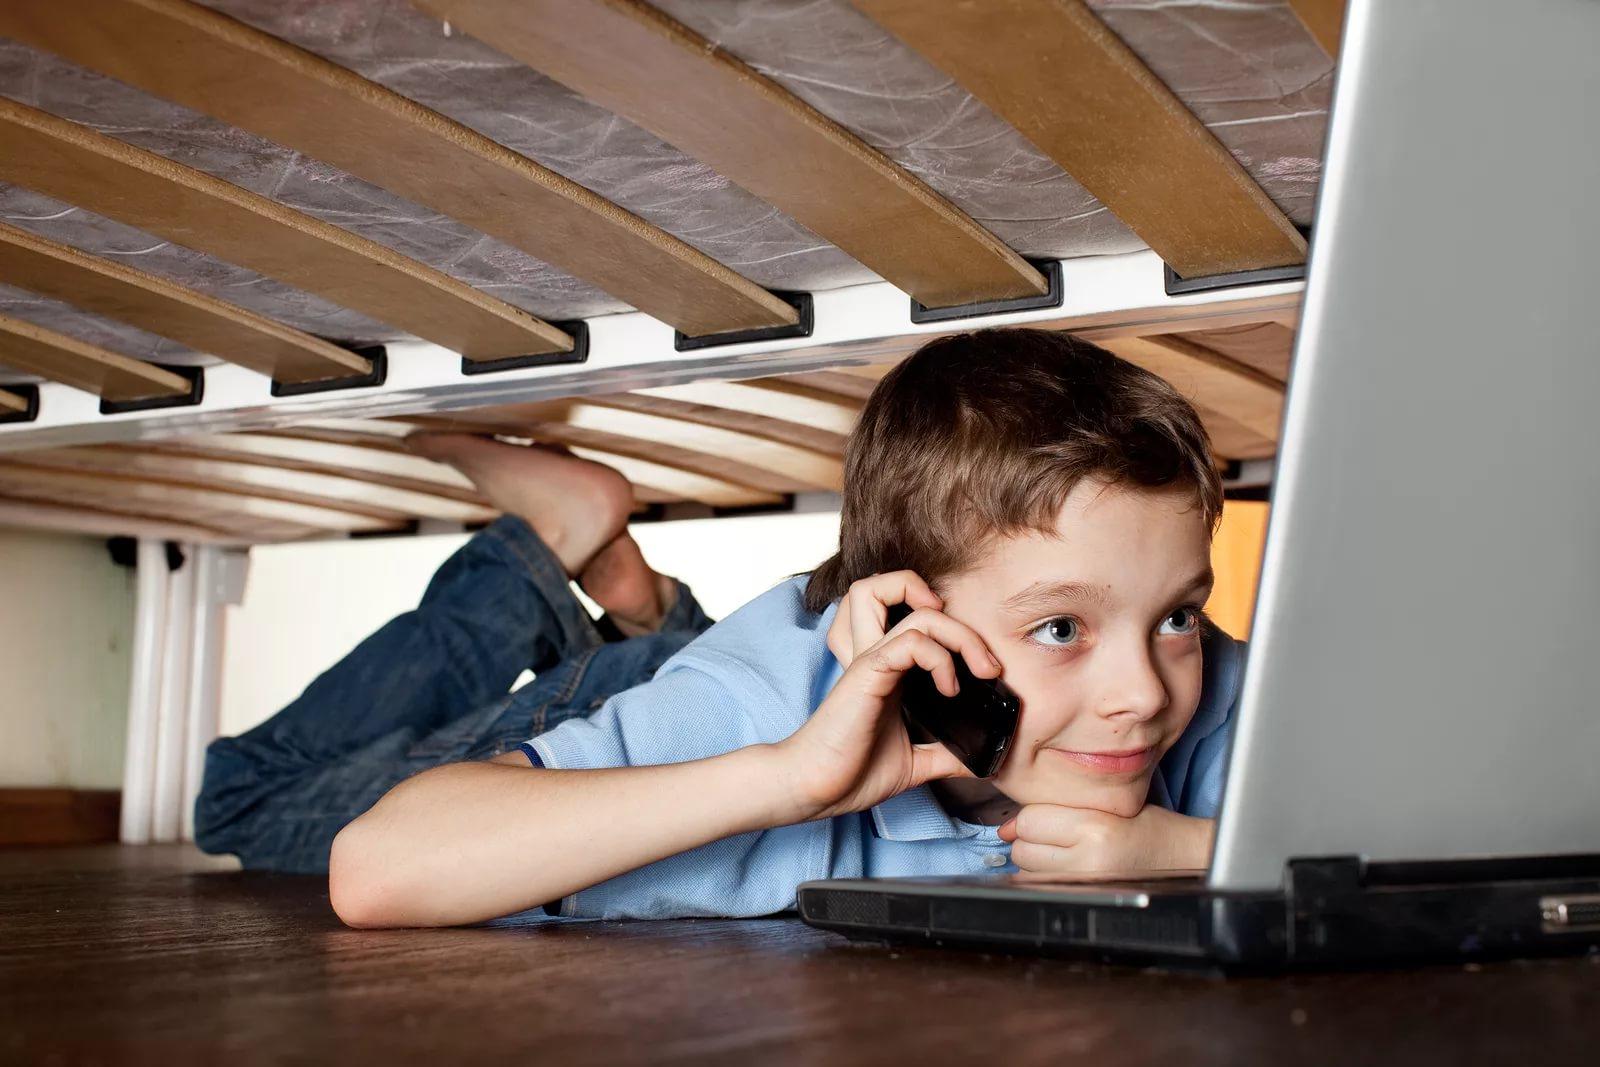 Ребенок под кроватью с ноутбуком